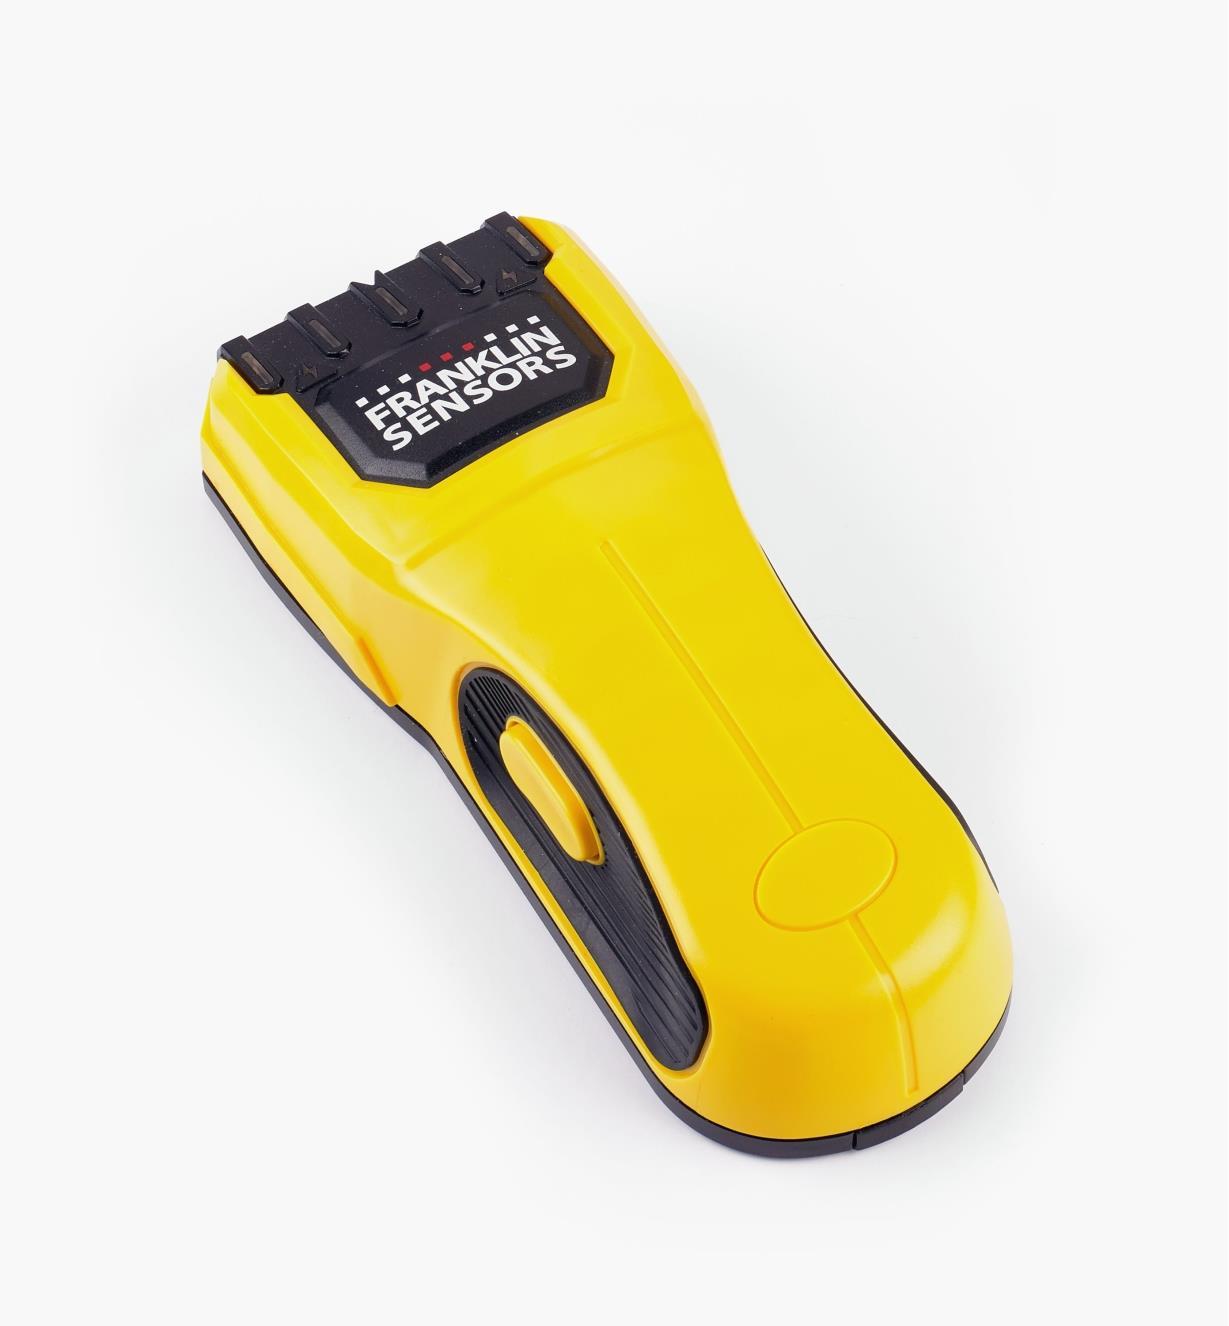 88N8750 - Franklin M50 Stud Detector